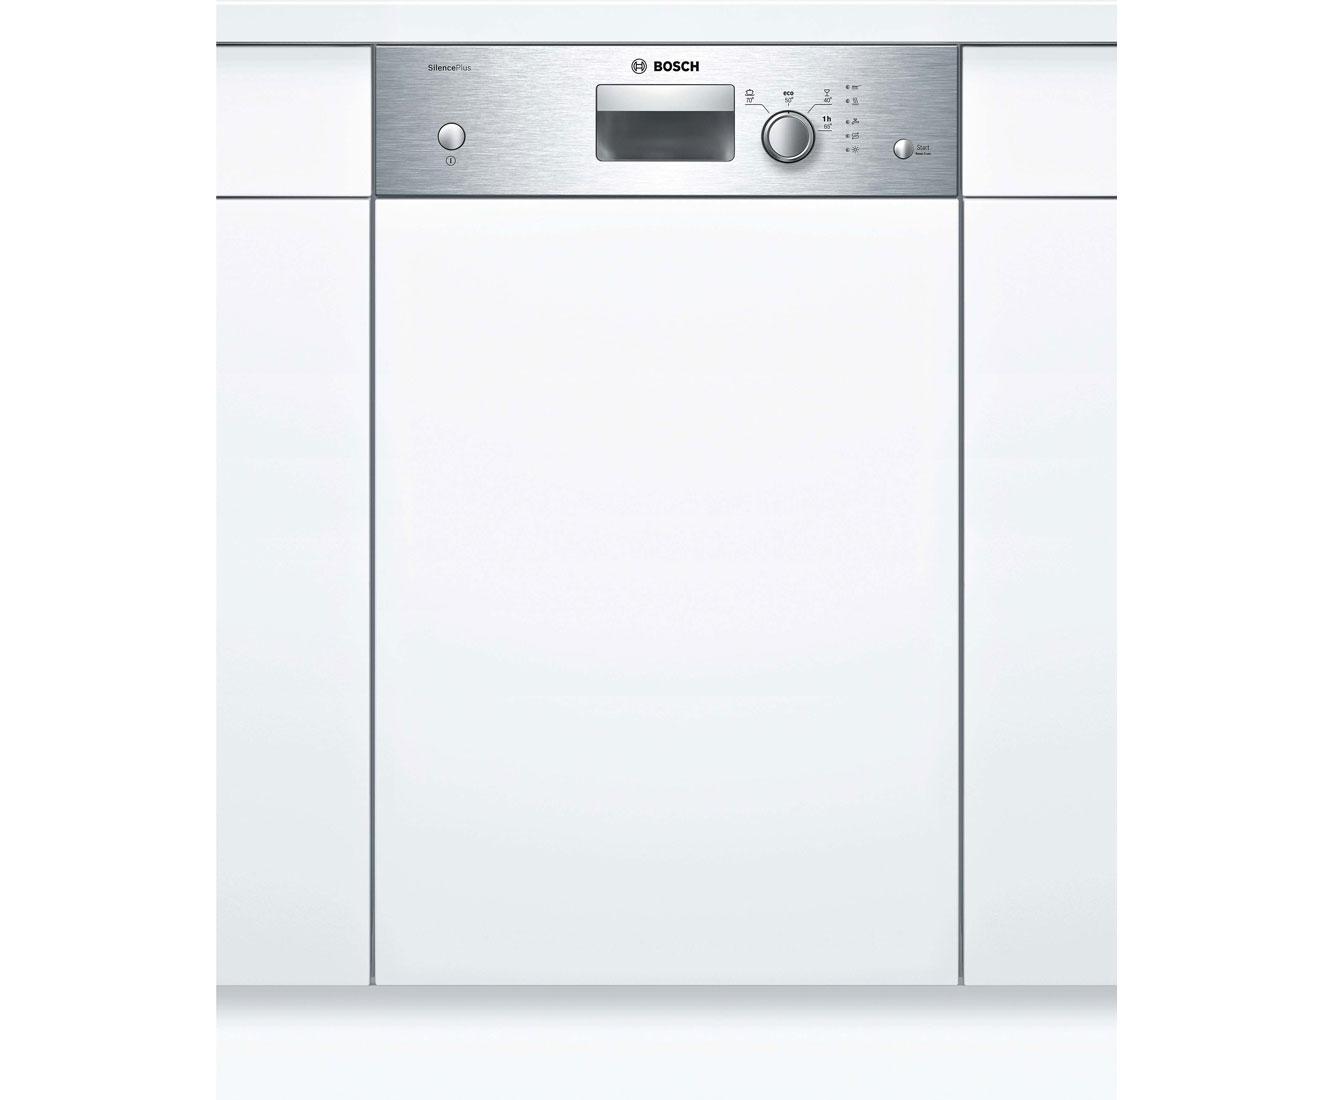 Bosch Serie 2 SPI24CS00E Geschirrspüler 45 cm - Edelstahl   Küche und Esszimmer > Küchenelektrogeräte > Gefrierschränke   Edelstahl   Bosch